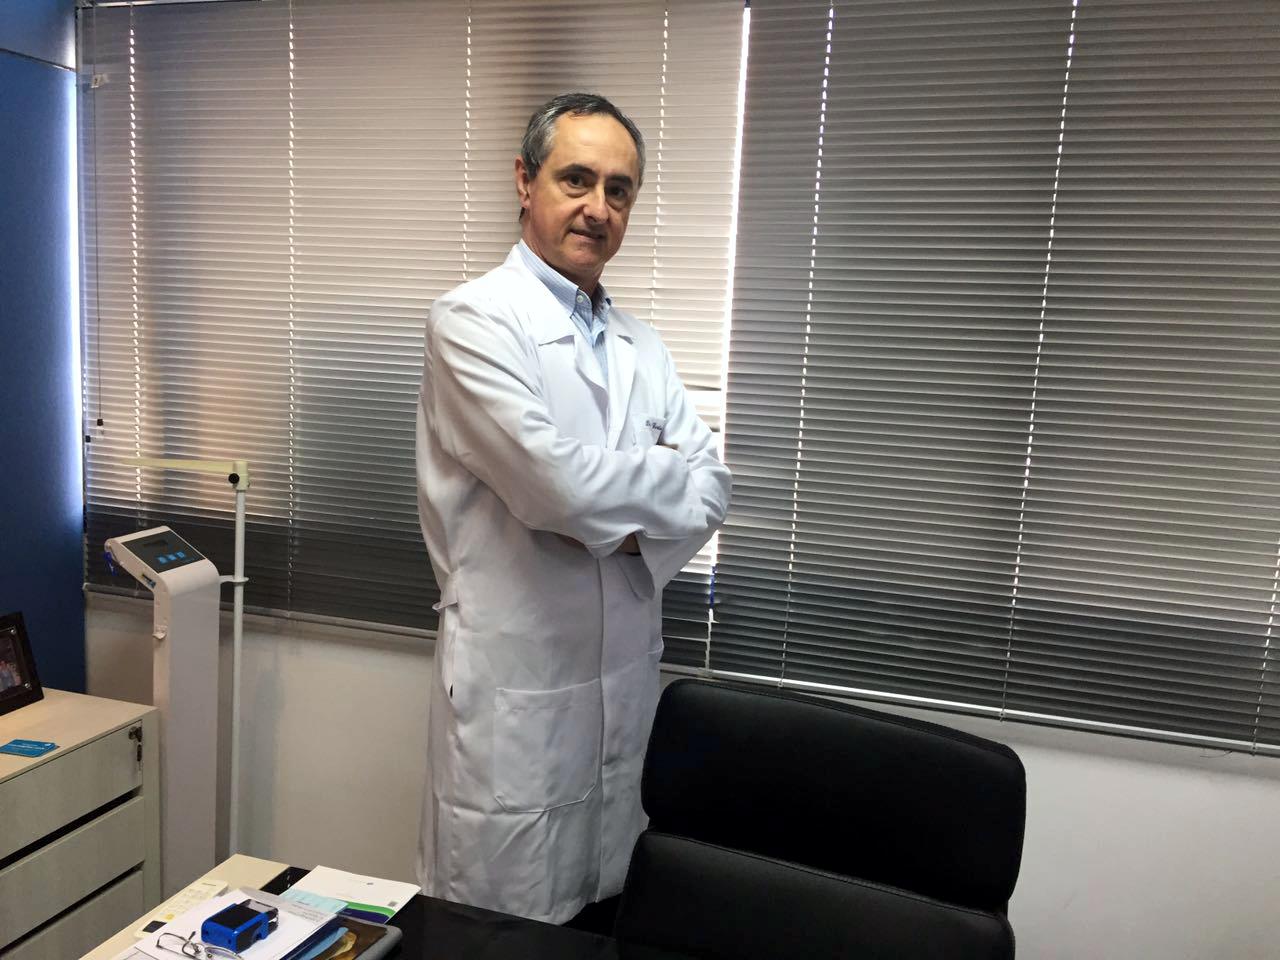 Clínica Neurológica Dr. Carlos Henrique Durso Carneiro - Santo André, SP